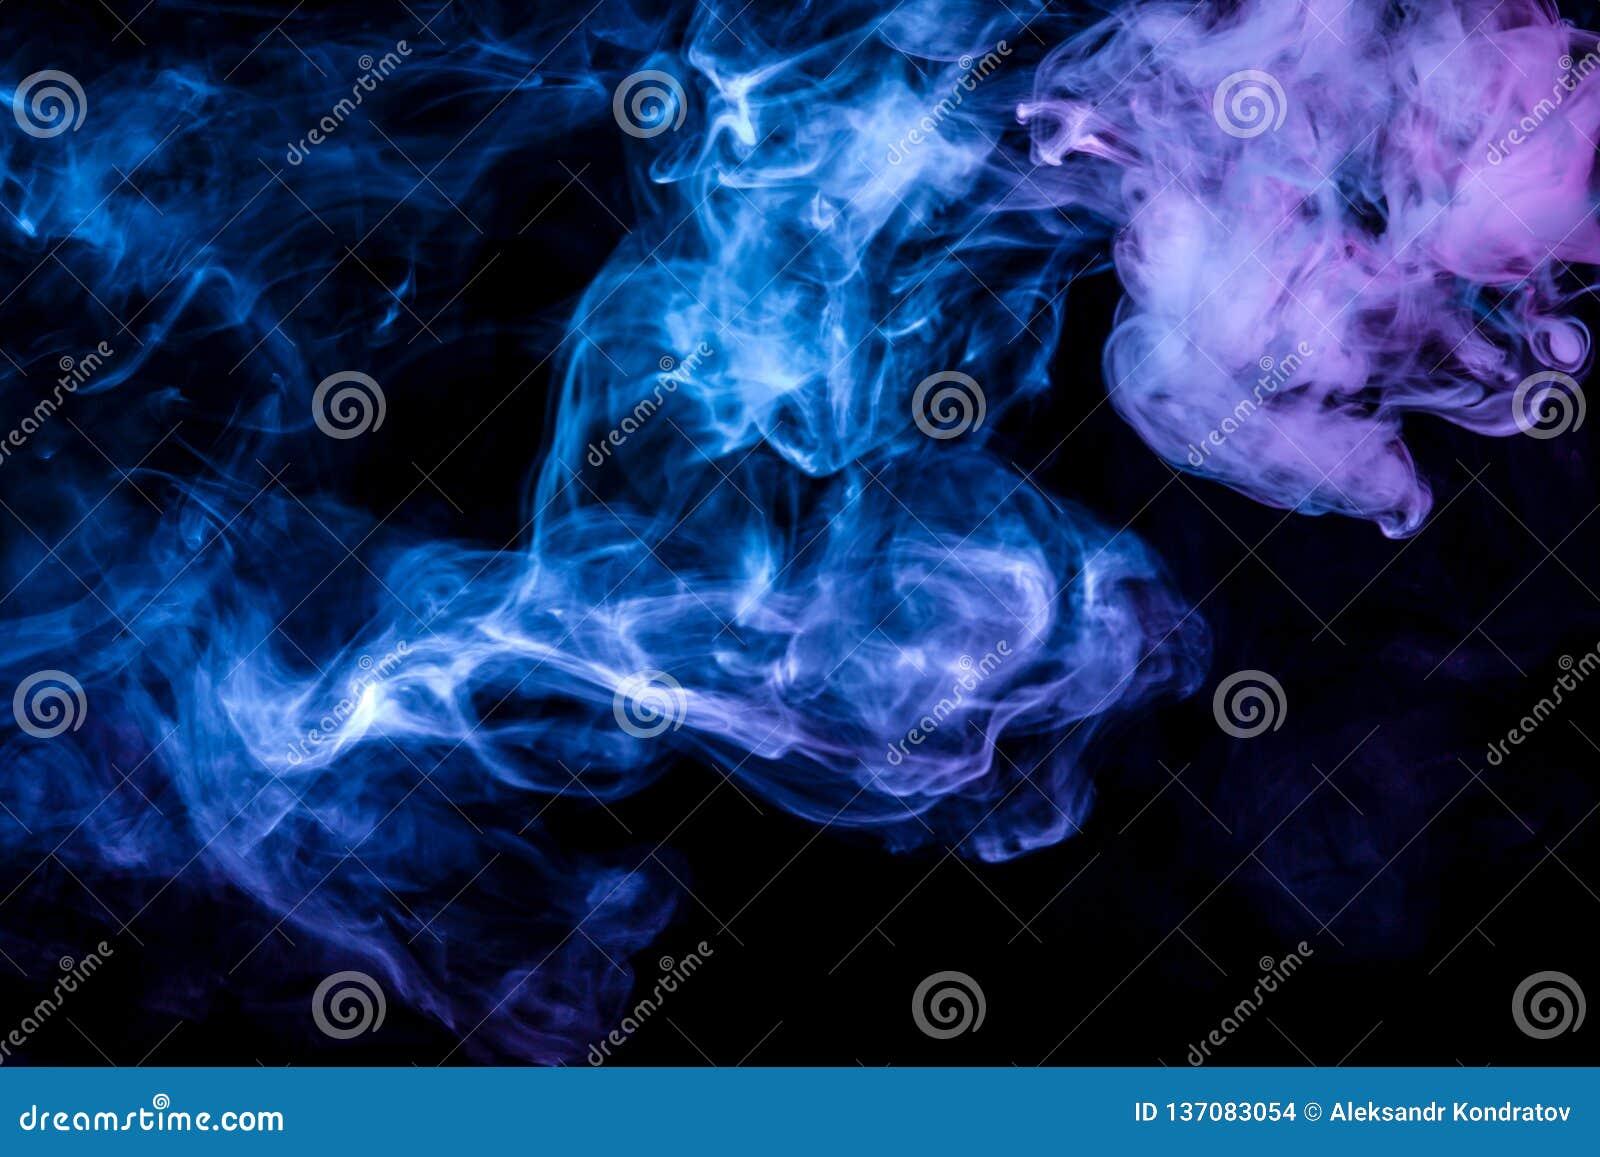 Club di fumo colorato di colore blu e rosa su un fondo nero sotto forma di nuvole molli da vape